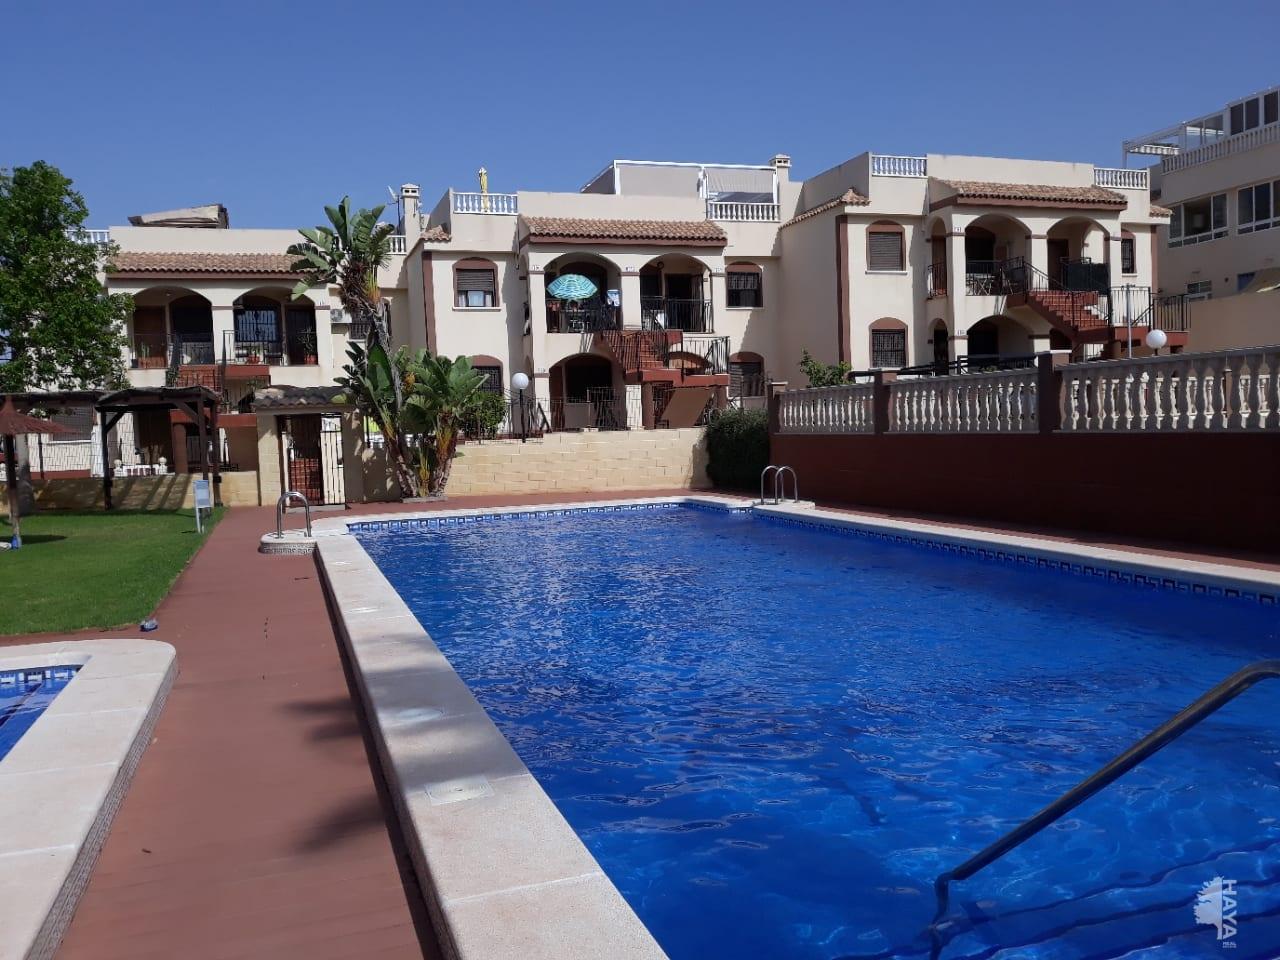 Piso en venta en Torrevieja, Alicante, Calle Asoc Victimas Terrorismo, 73.000 €, 1 baño, 98 m2